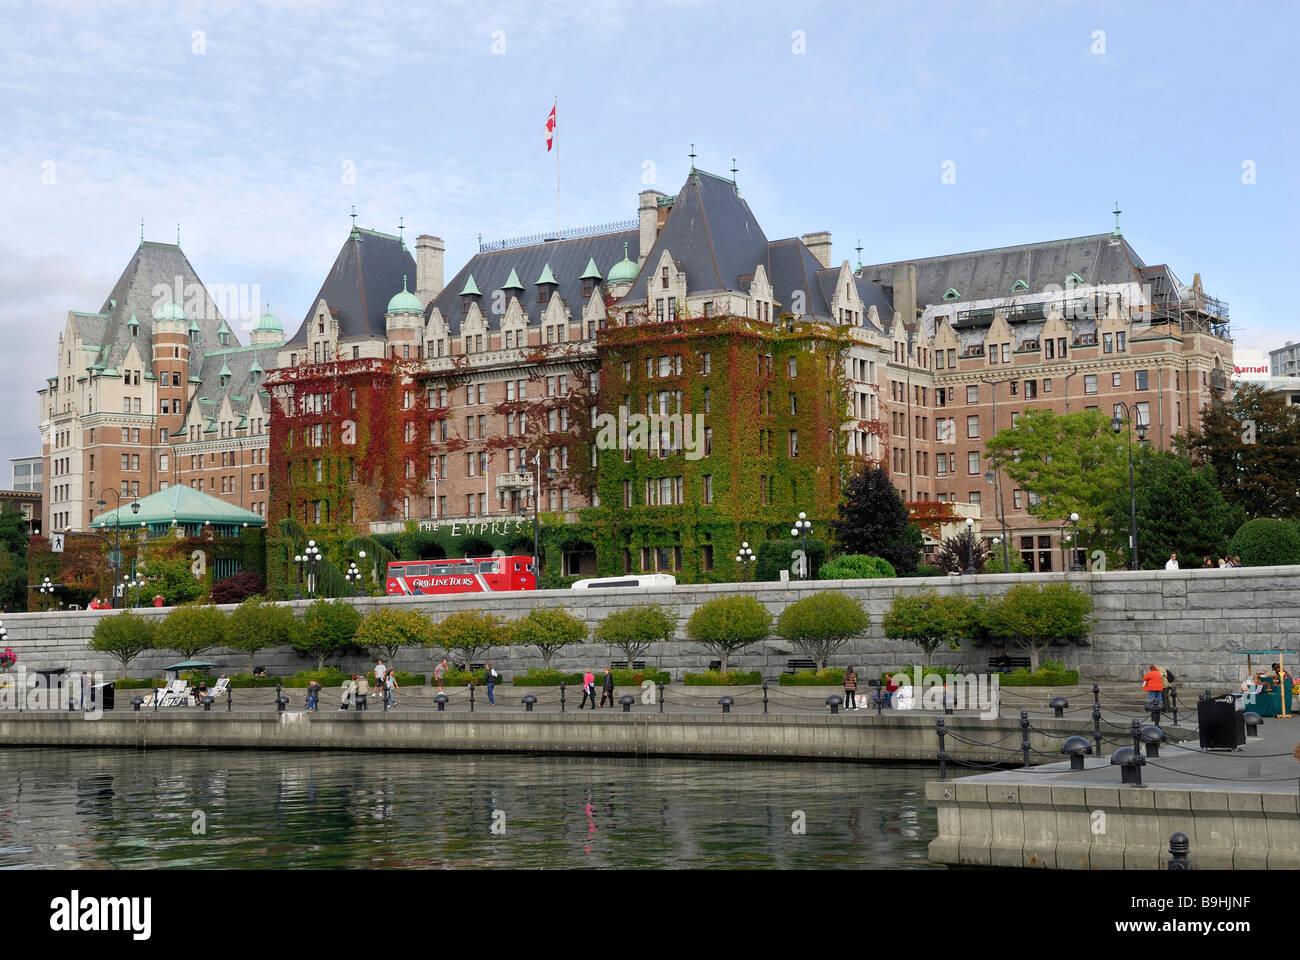 Empress Hotel, historic railroad hotel, Victoria, Vancouver Island, British Columbia, Canada, North America - Stock Image